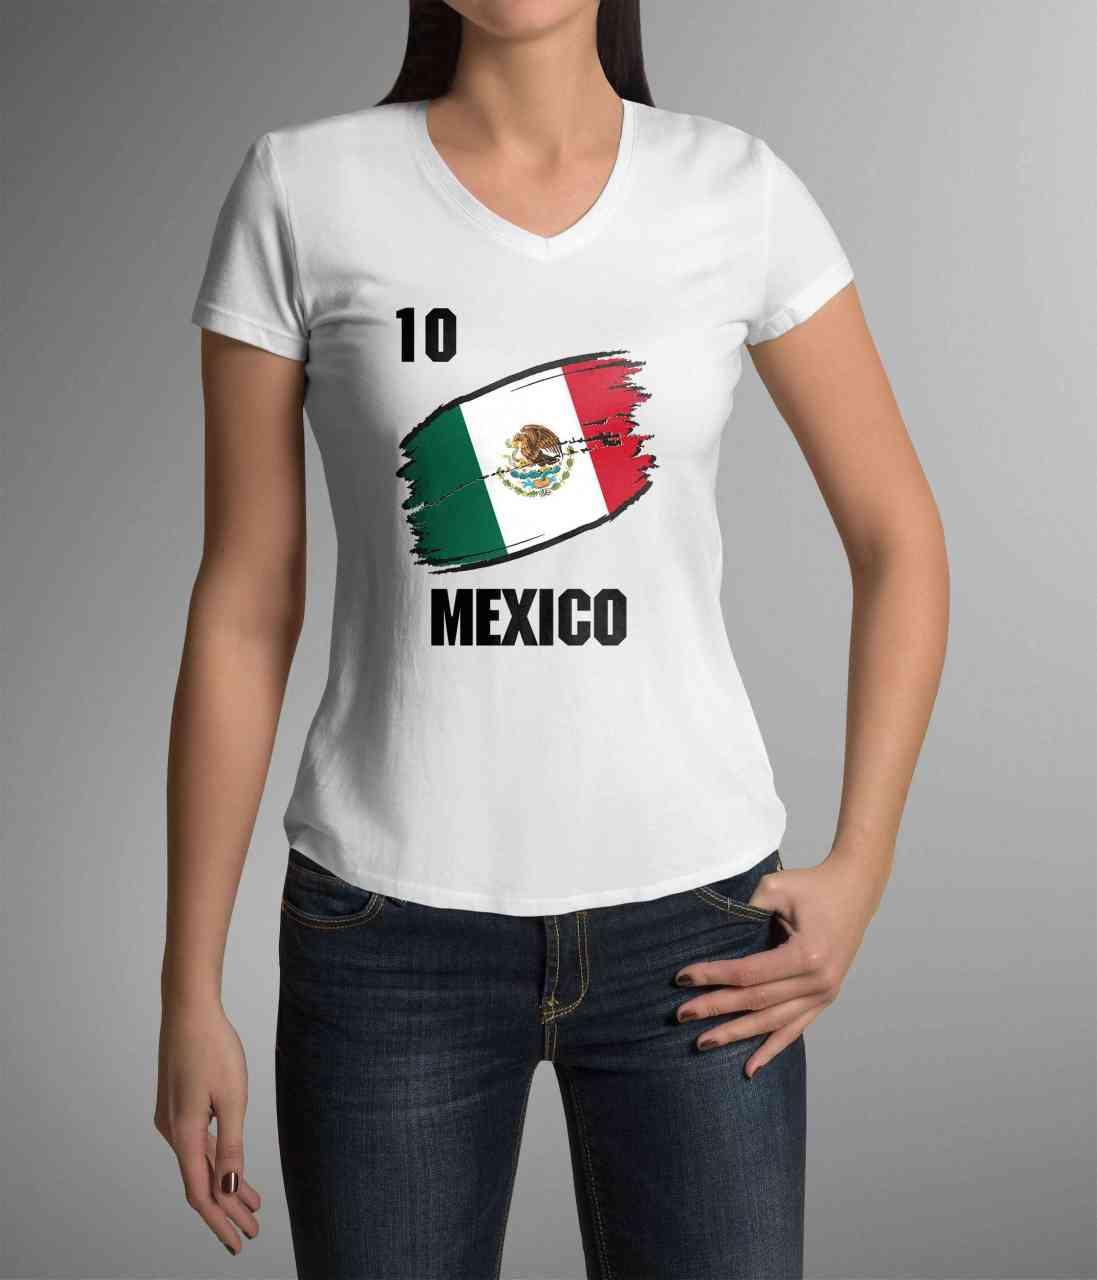 Mexico | Männer oder Frauen Trikot T - Shirt mit Wunsch Nummer + Wunsch Name | WM 2018